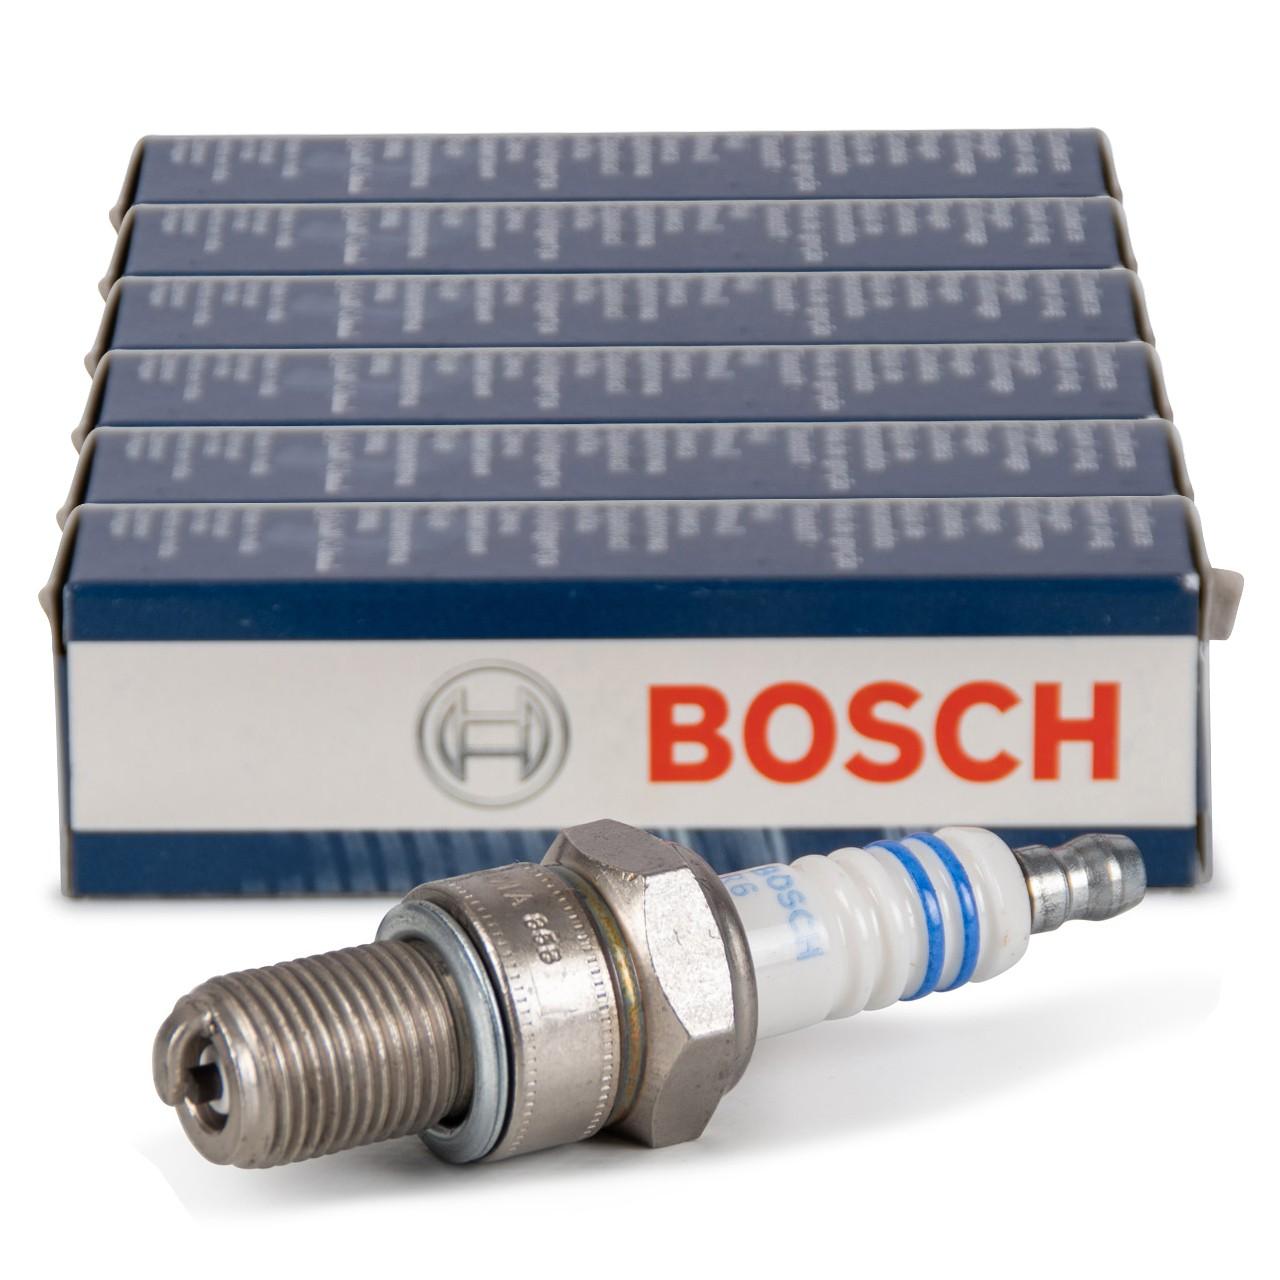 6x BOSCH WR4CC 0242250503 Zündkerze PORSCHE 911 3.2 SC Carrera bis 07.1989